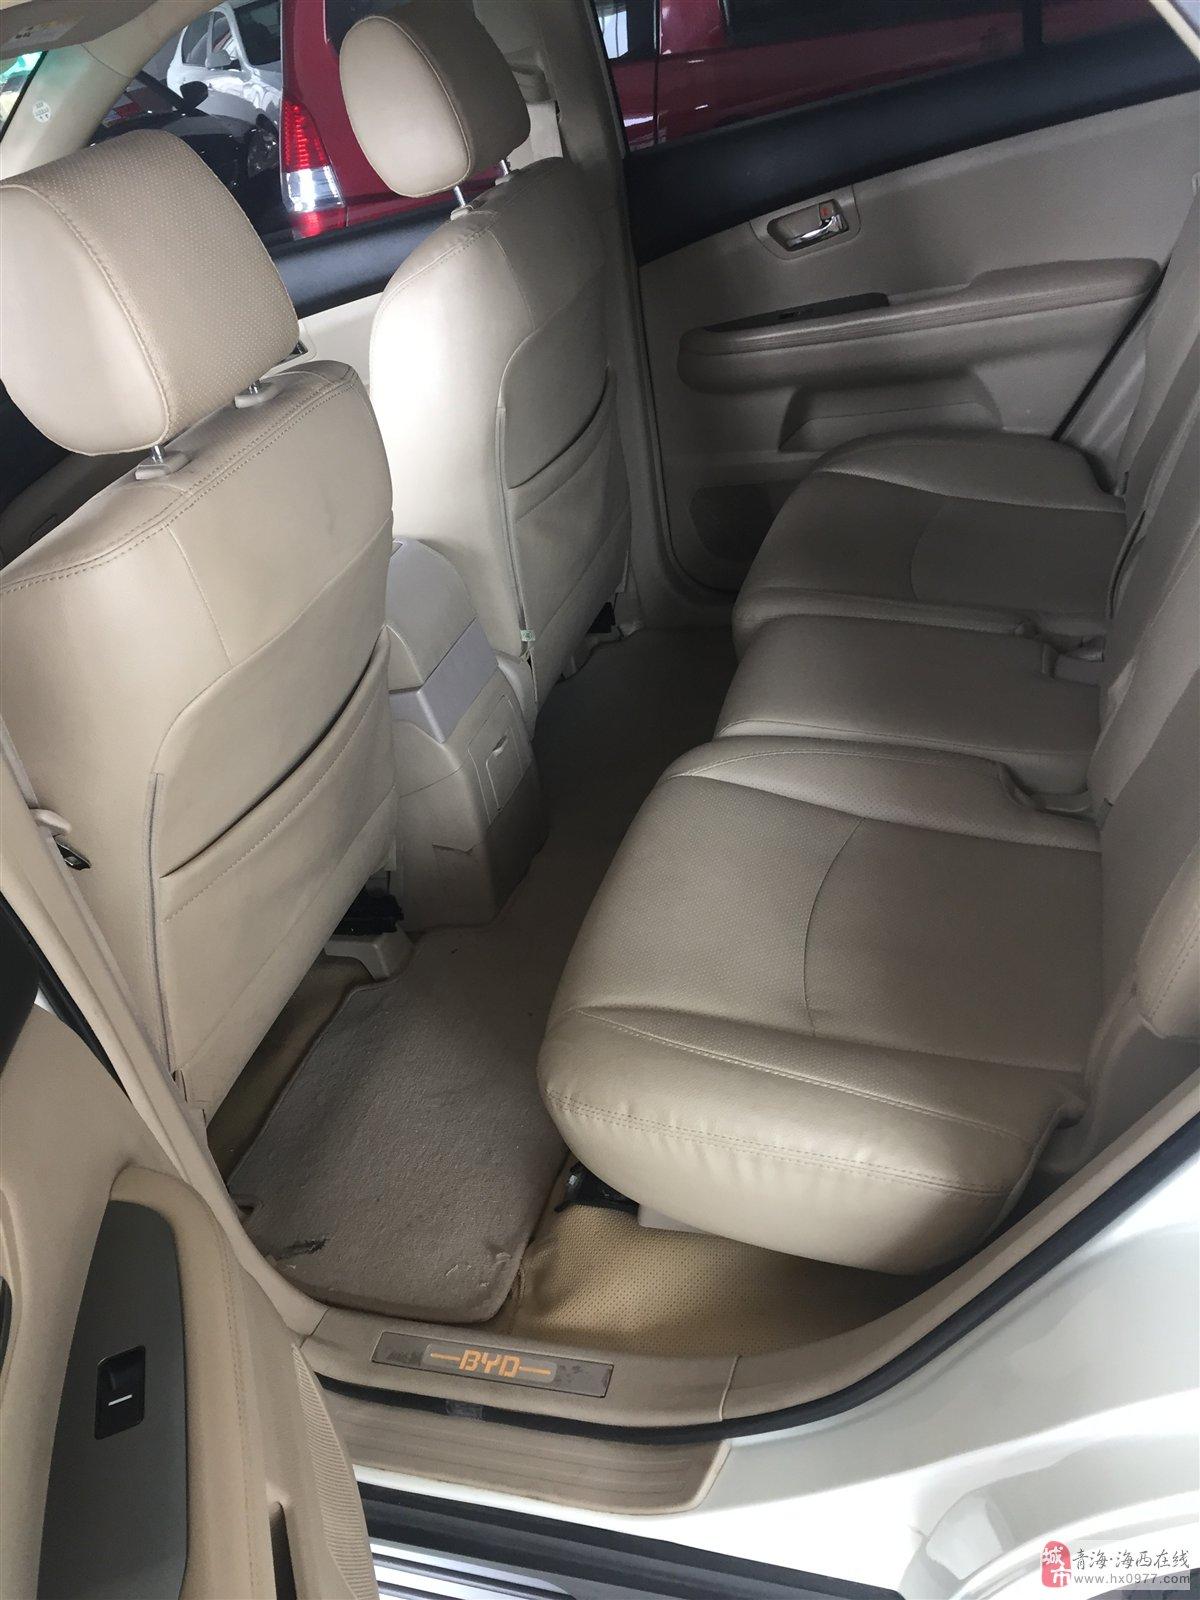 出售BYD2013款白金版2.4L自动尊享型SUV